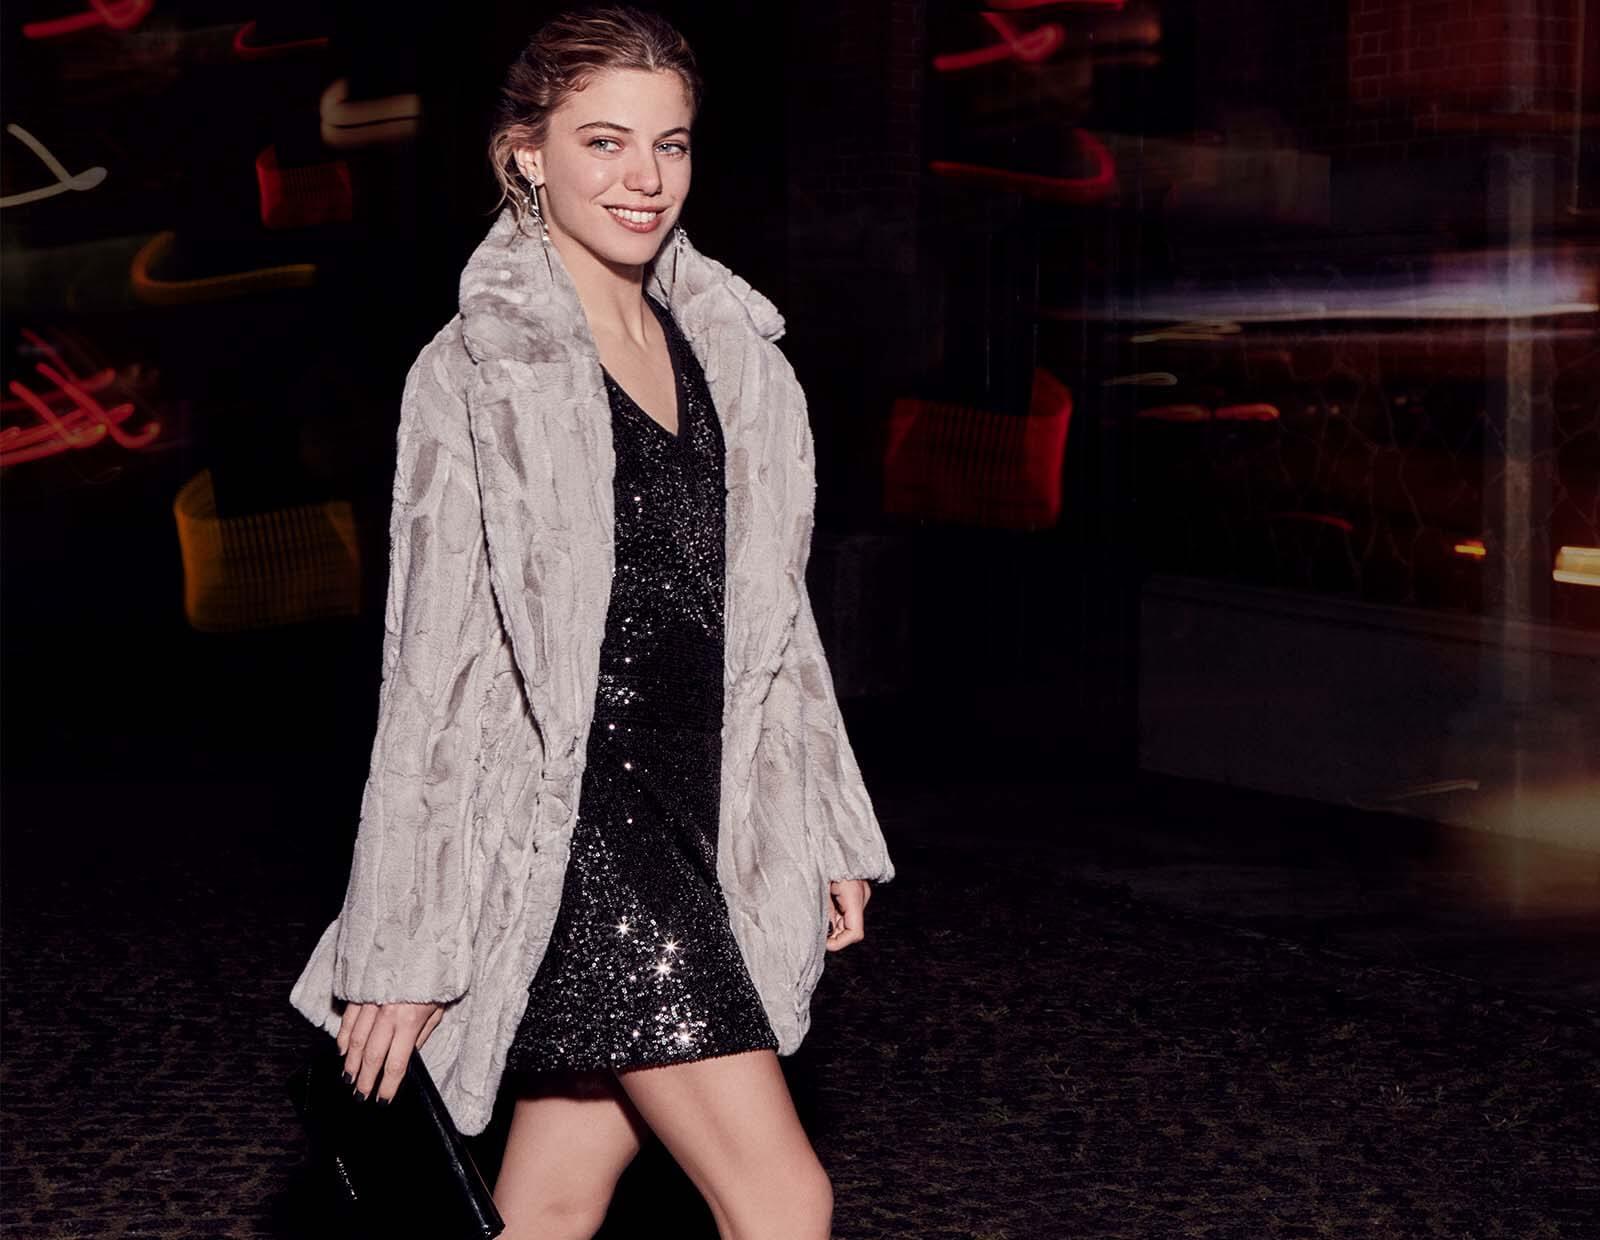 Vestidos cortos invierno 2020. Moda otoño invierno 2020 vestidos.